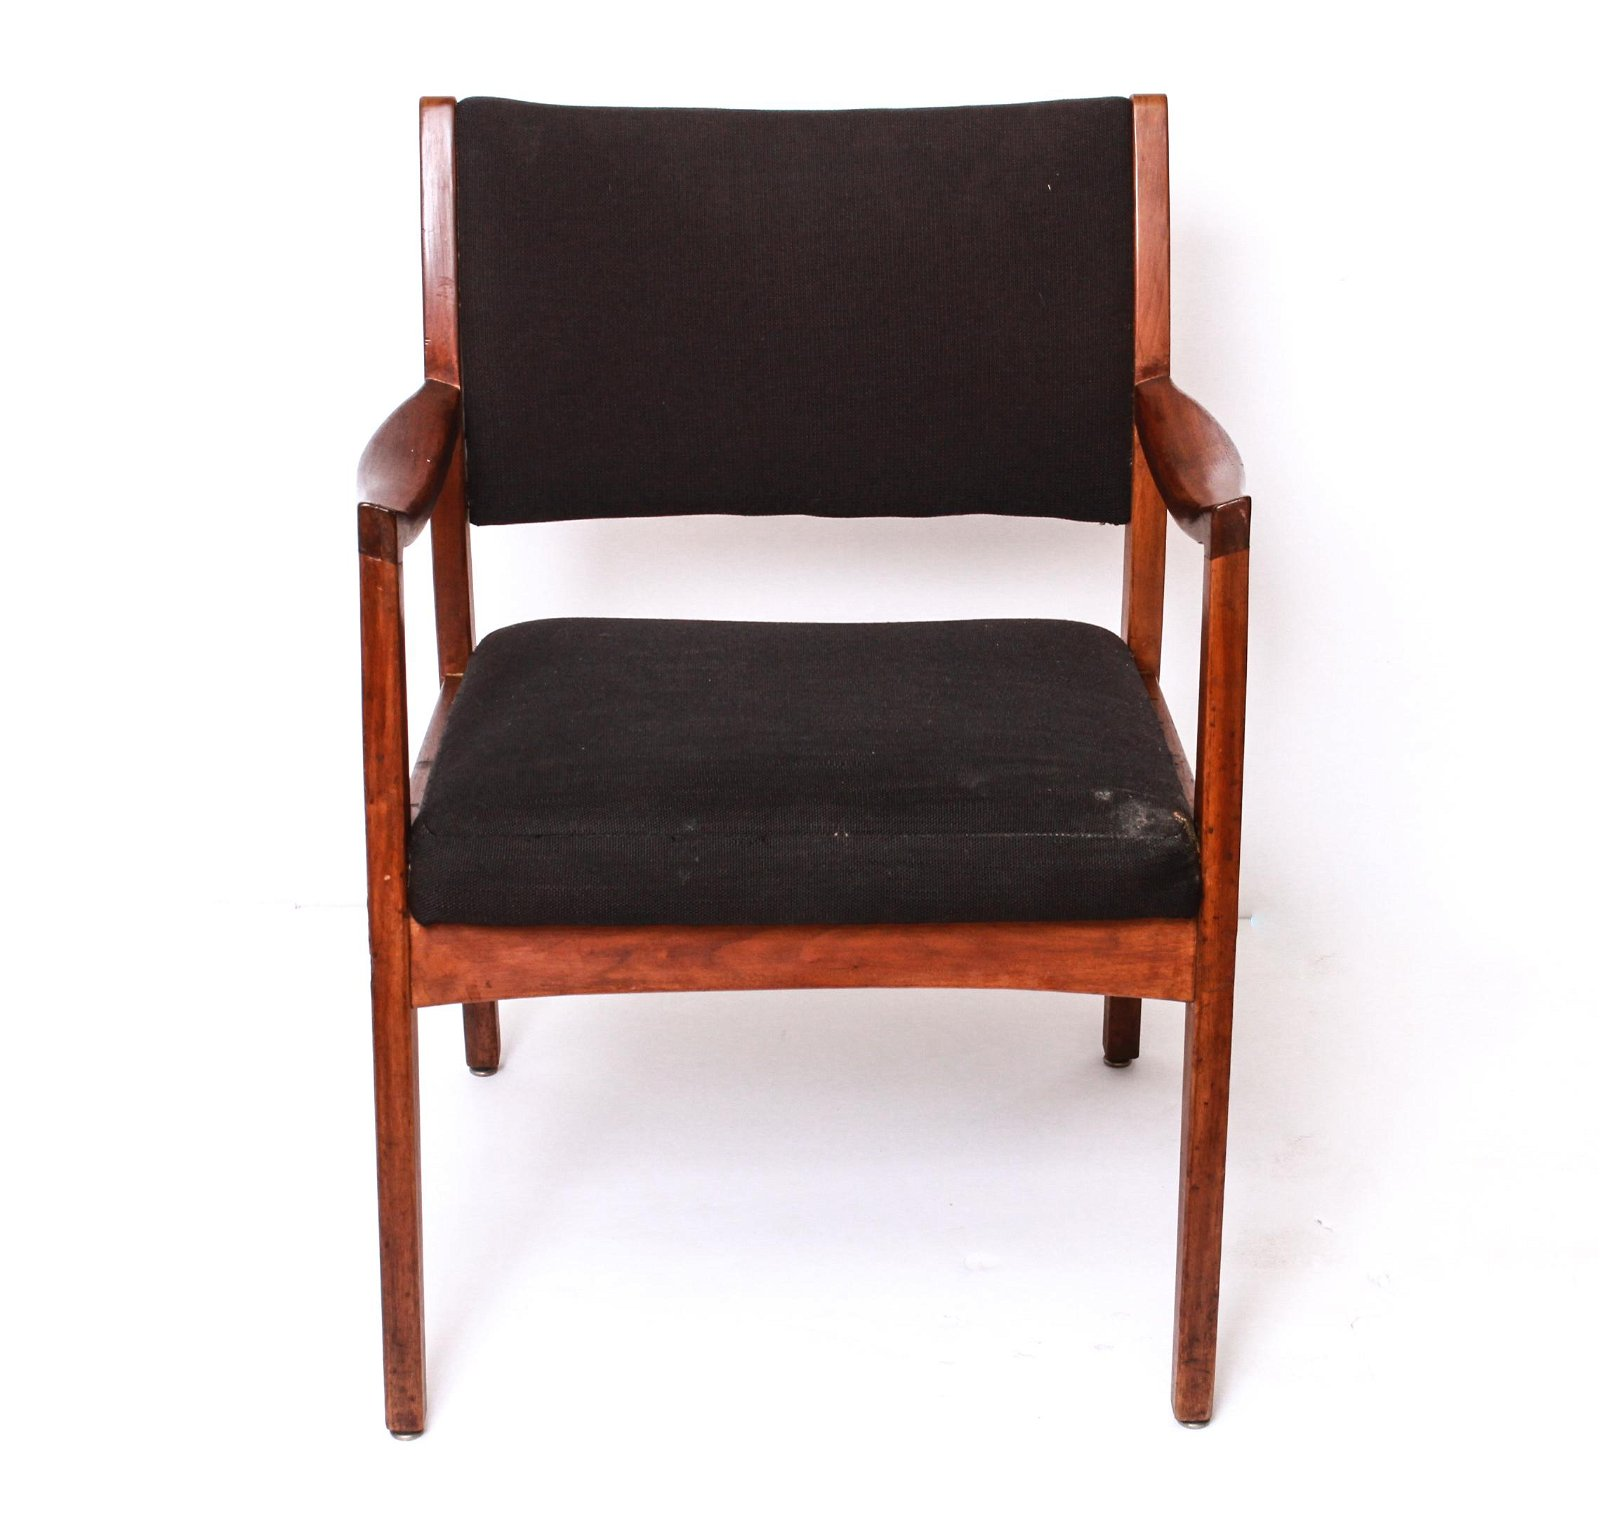 Finn Juhl Style Danish Modern Mid-Century Armchair